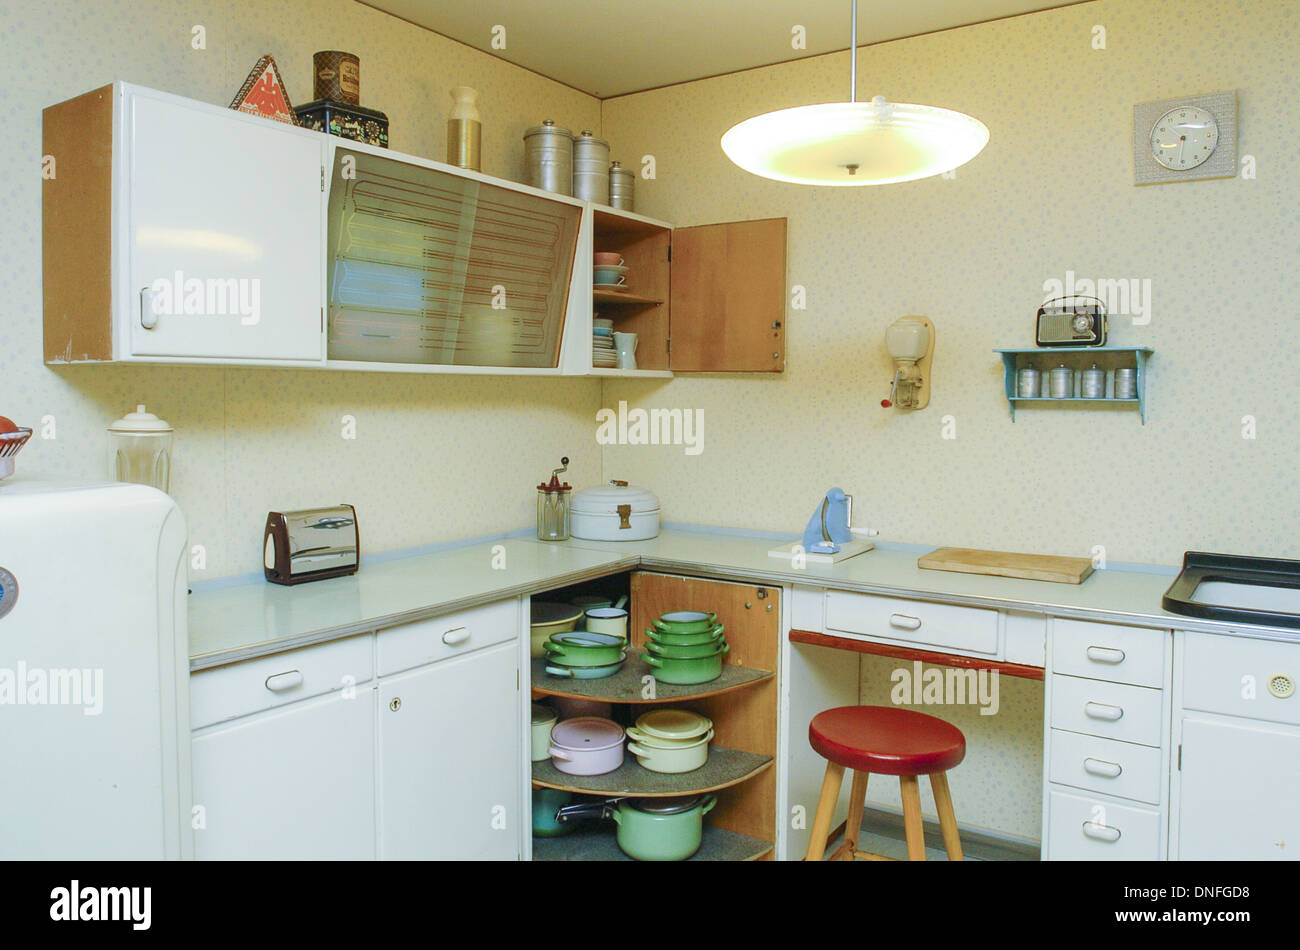 Wohnung im 50er Jahre Stil, Küche Stockfoto, Bild: 64881076 - Alamy